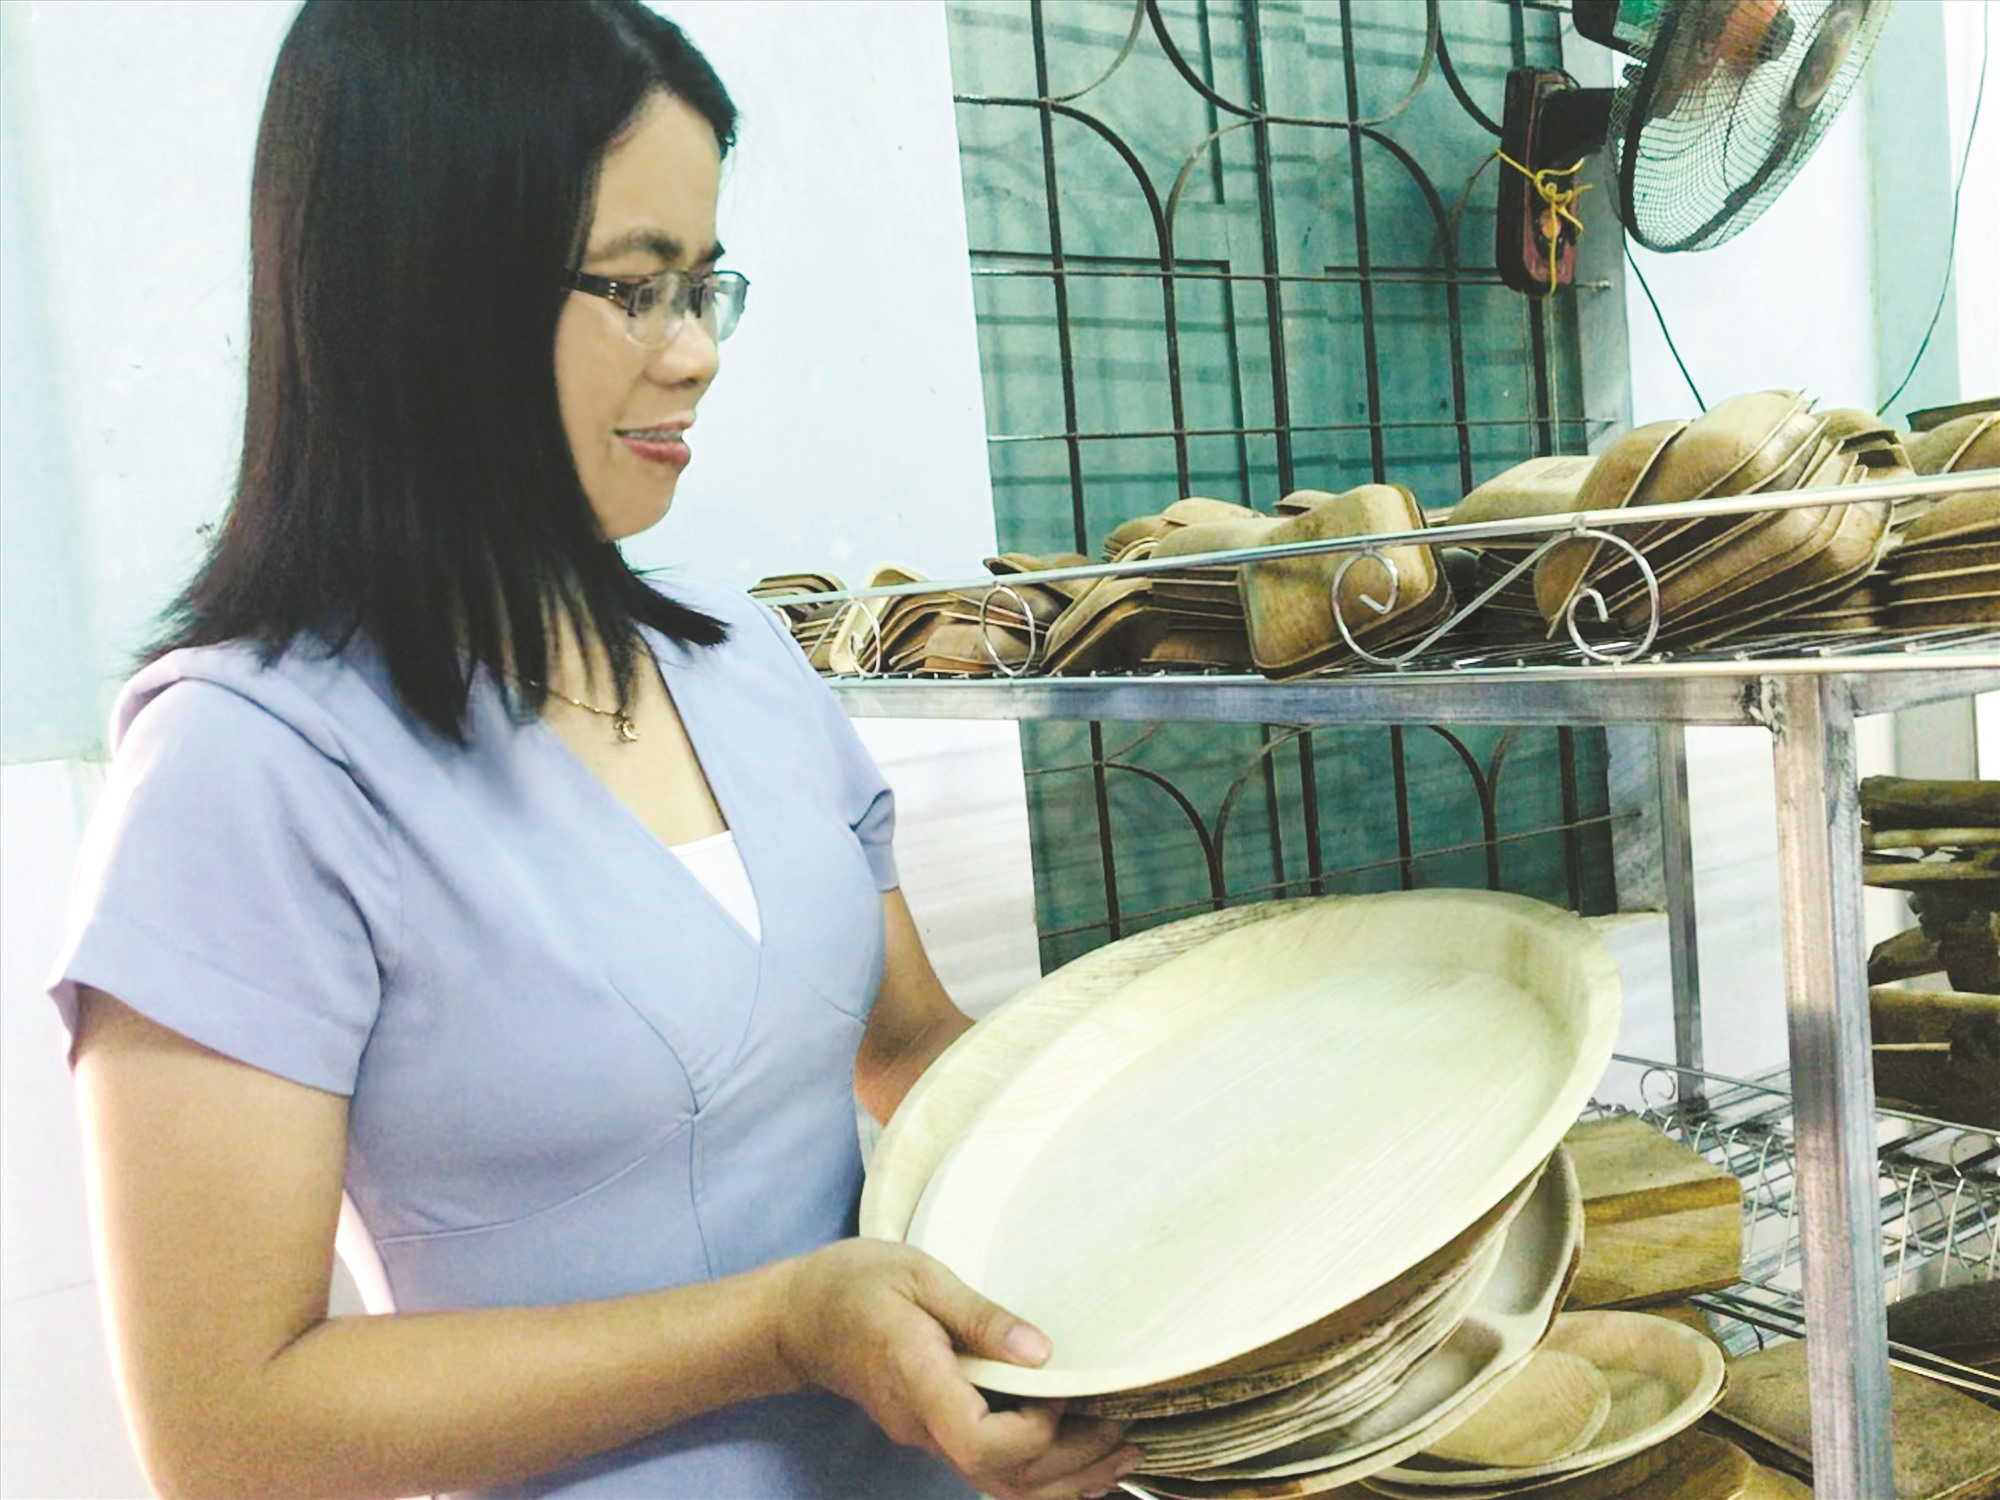 Chị Phan Vũ Hoài Vui giới thiệu sản phẩm. Ảnh: C.N